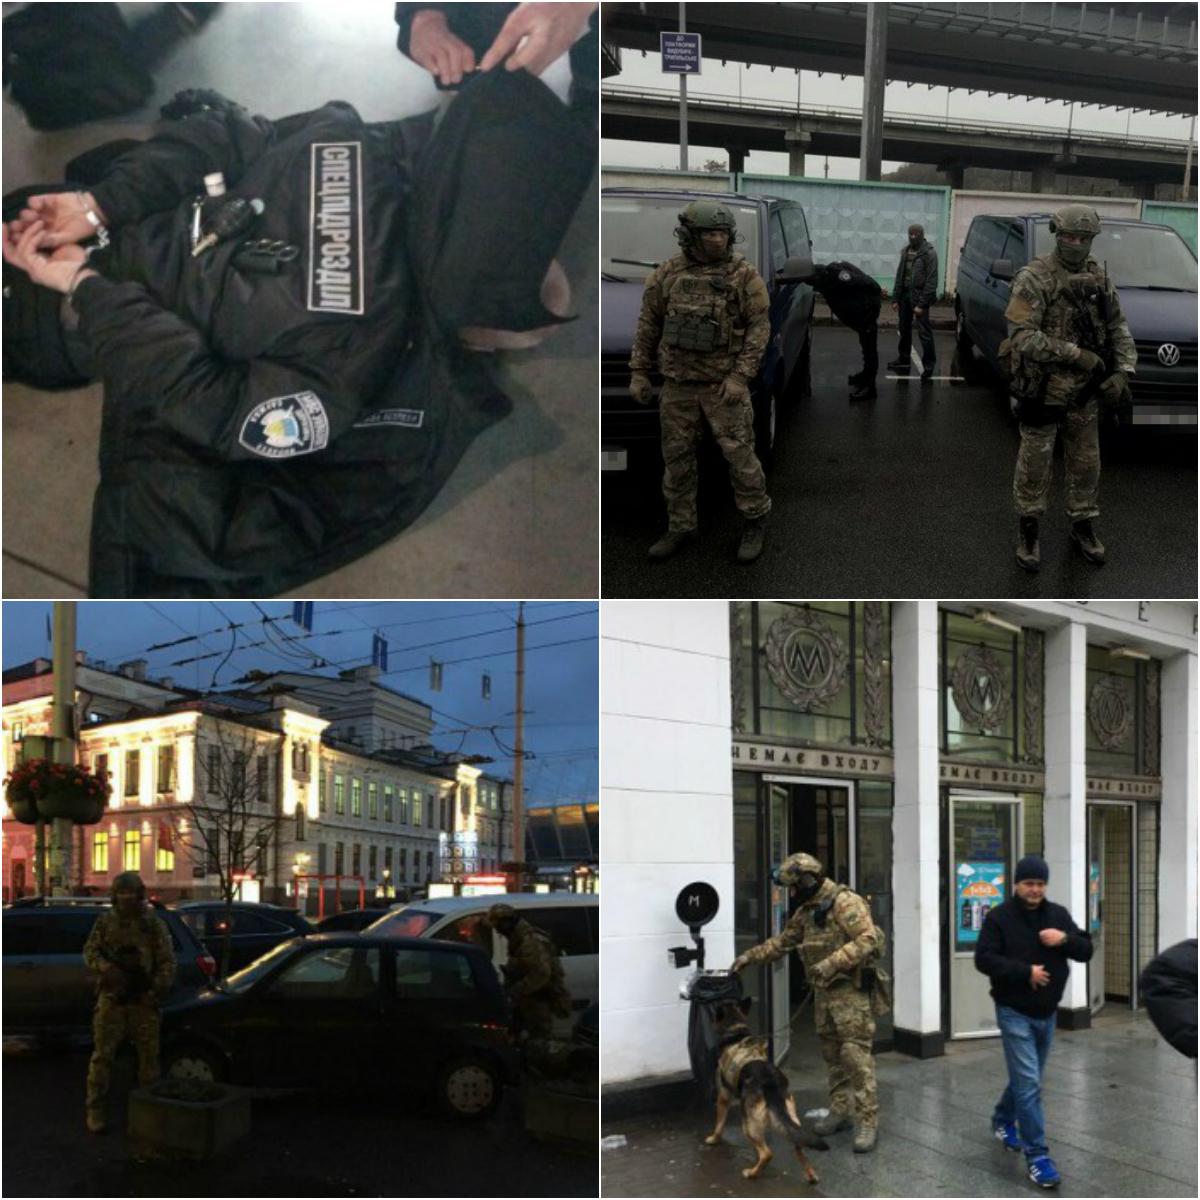 Задержание гражданина России сотрудниками СБУ. Фото: 112.ua